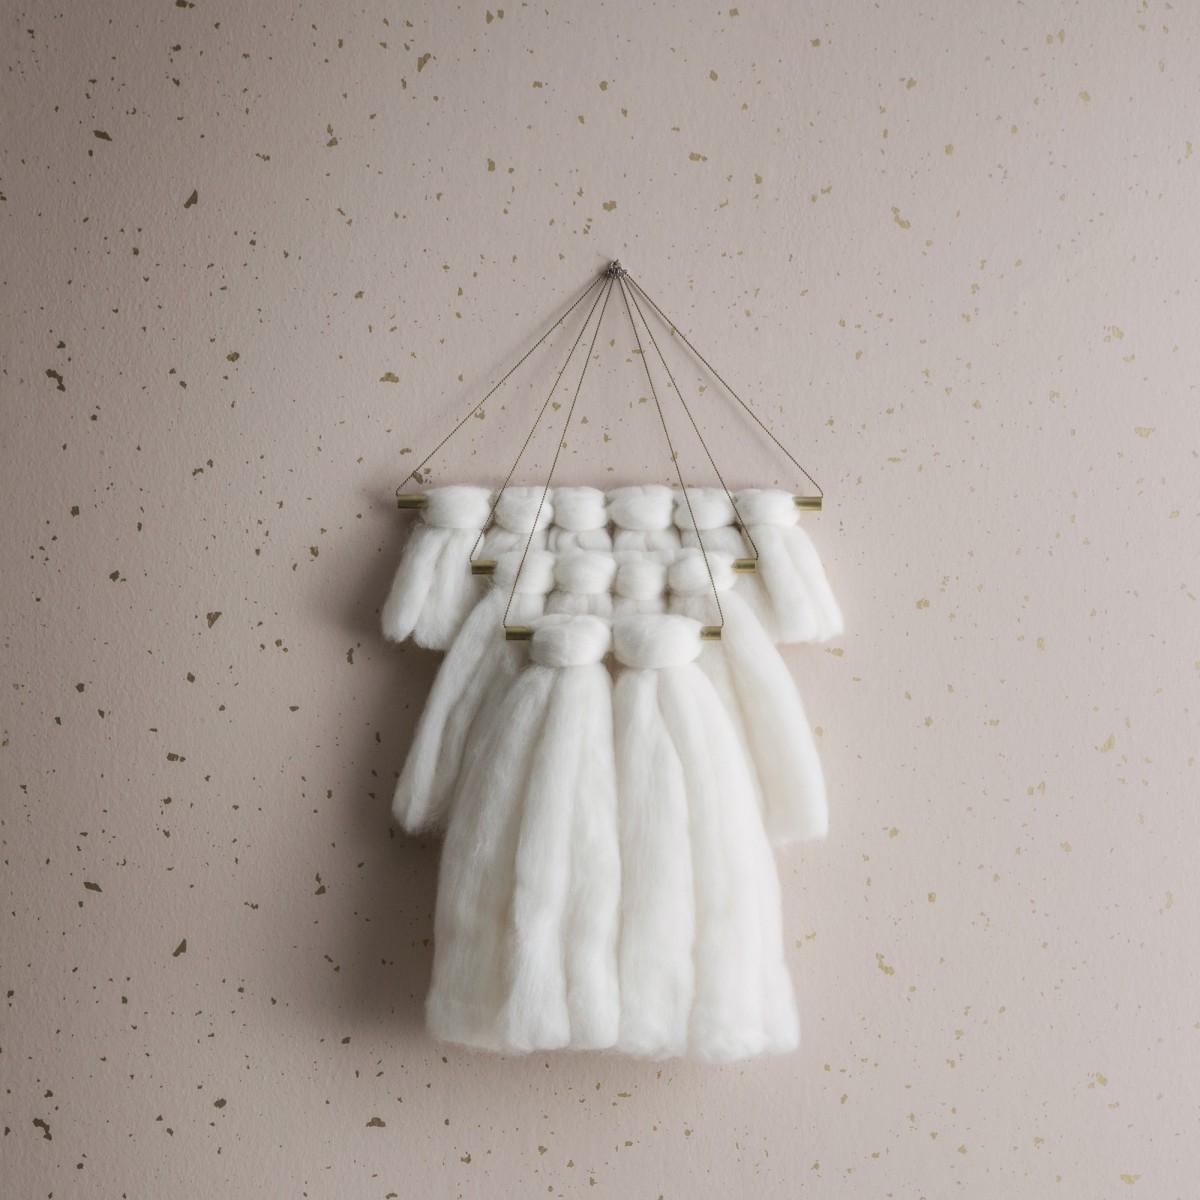 papier peint confetti rose ferm living. Black Bedroom Furniture Sets. Home Design Ideas